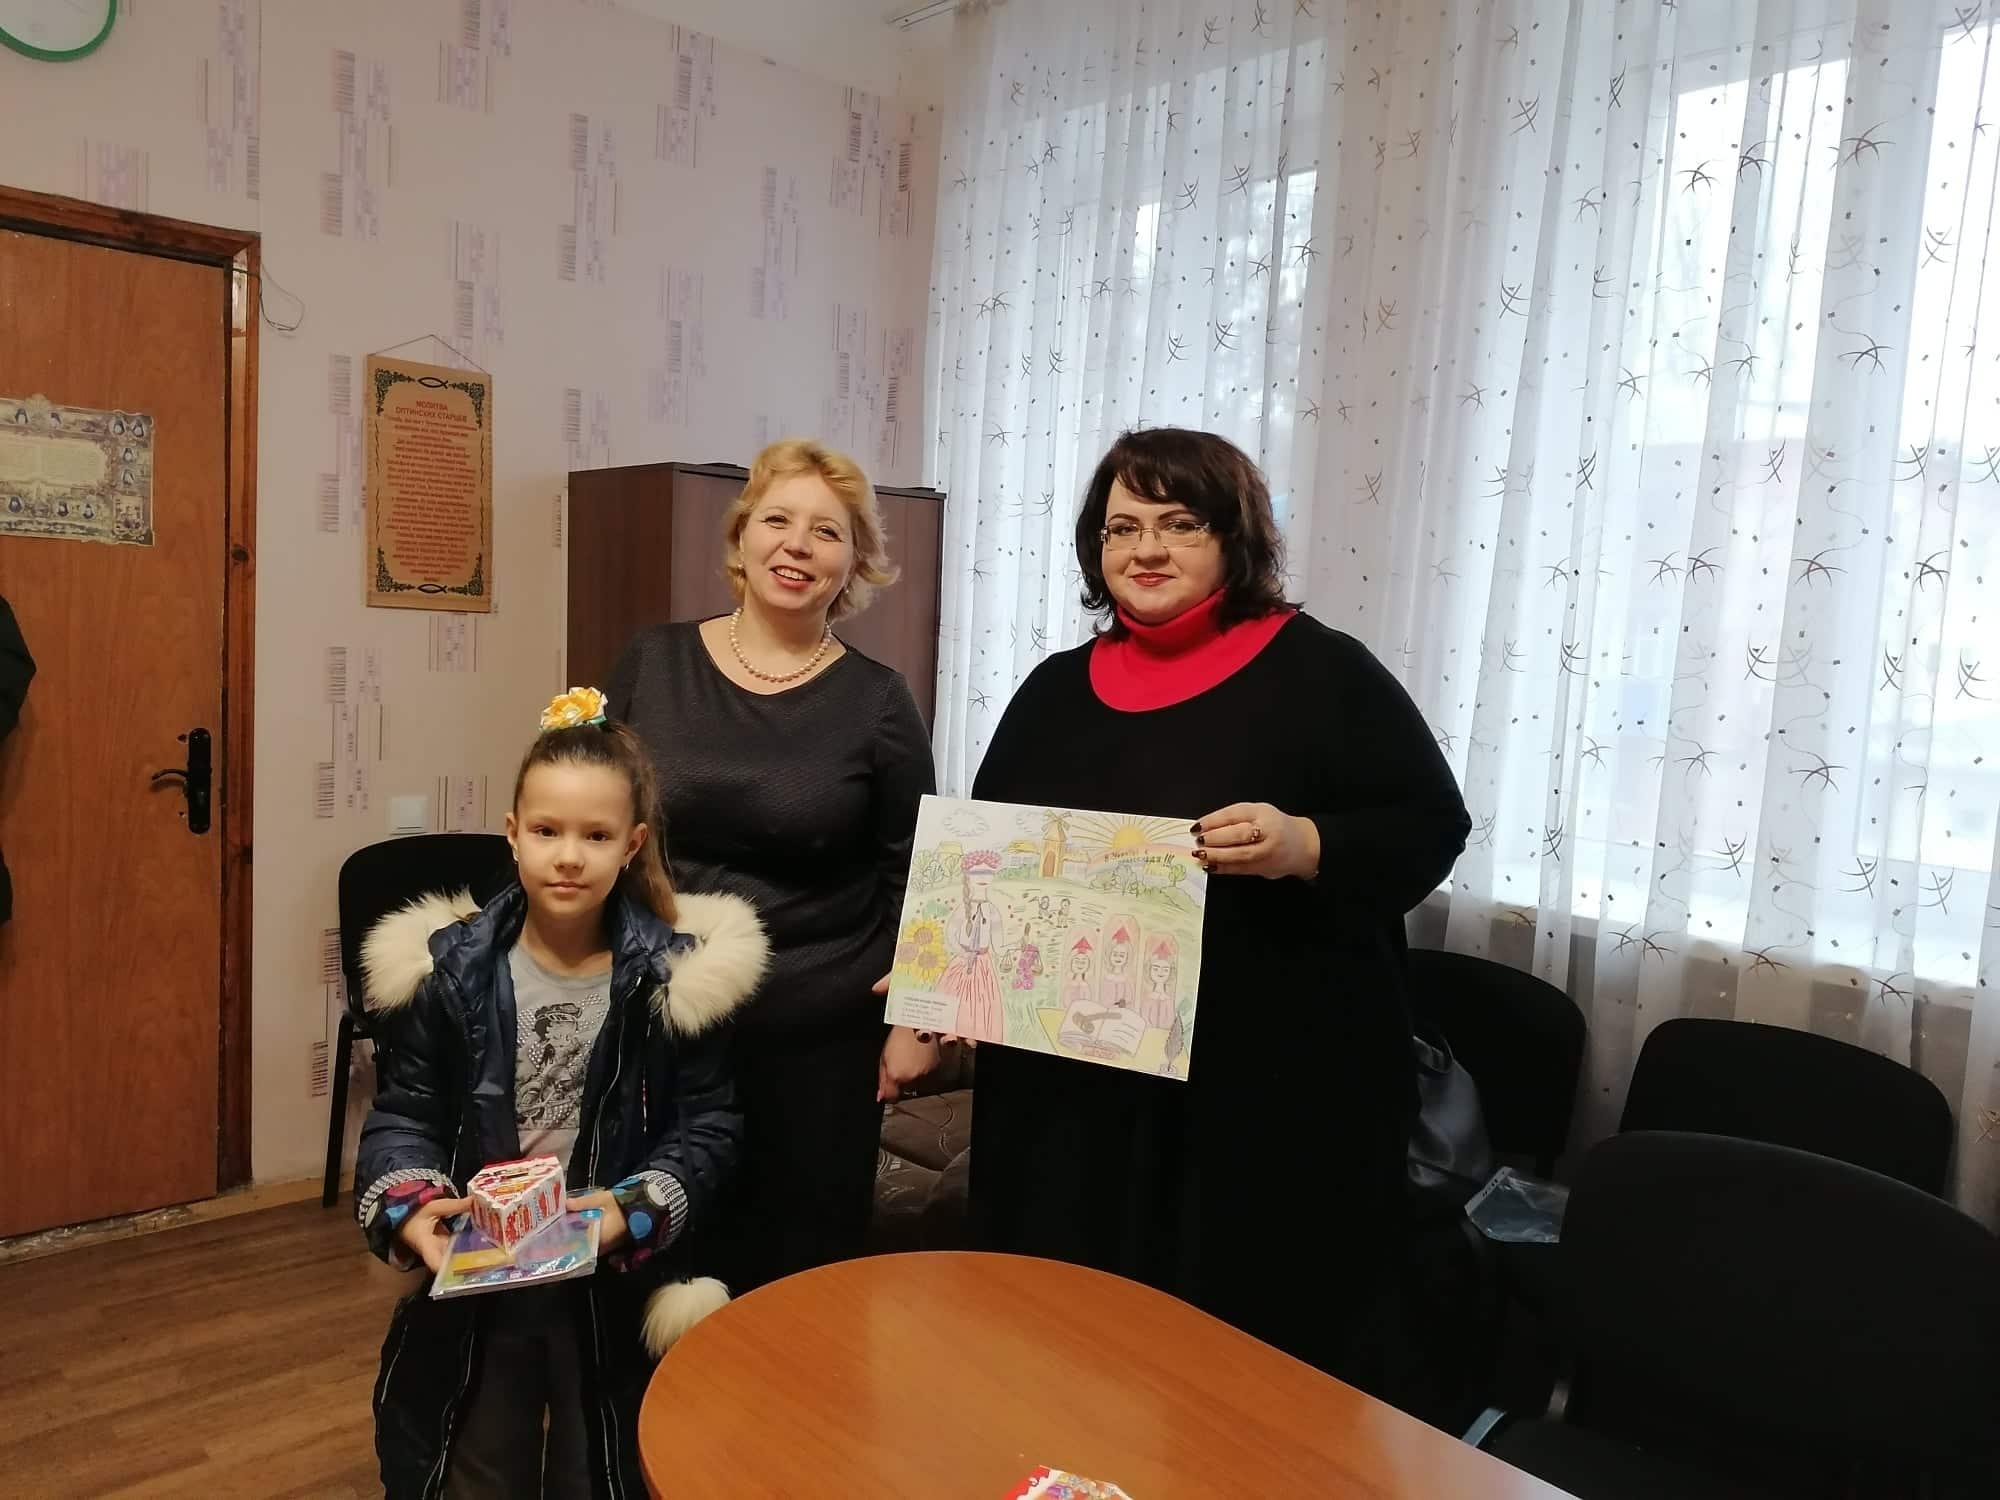 У Покровську визначено переможців конкурсу малюнків, які відзначені Дитячим фондом ООН ЮНІСЕФ, фото-2